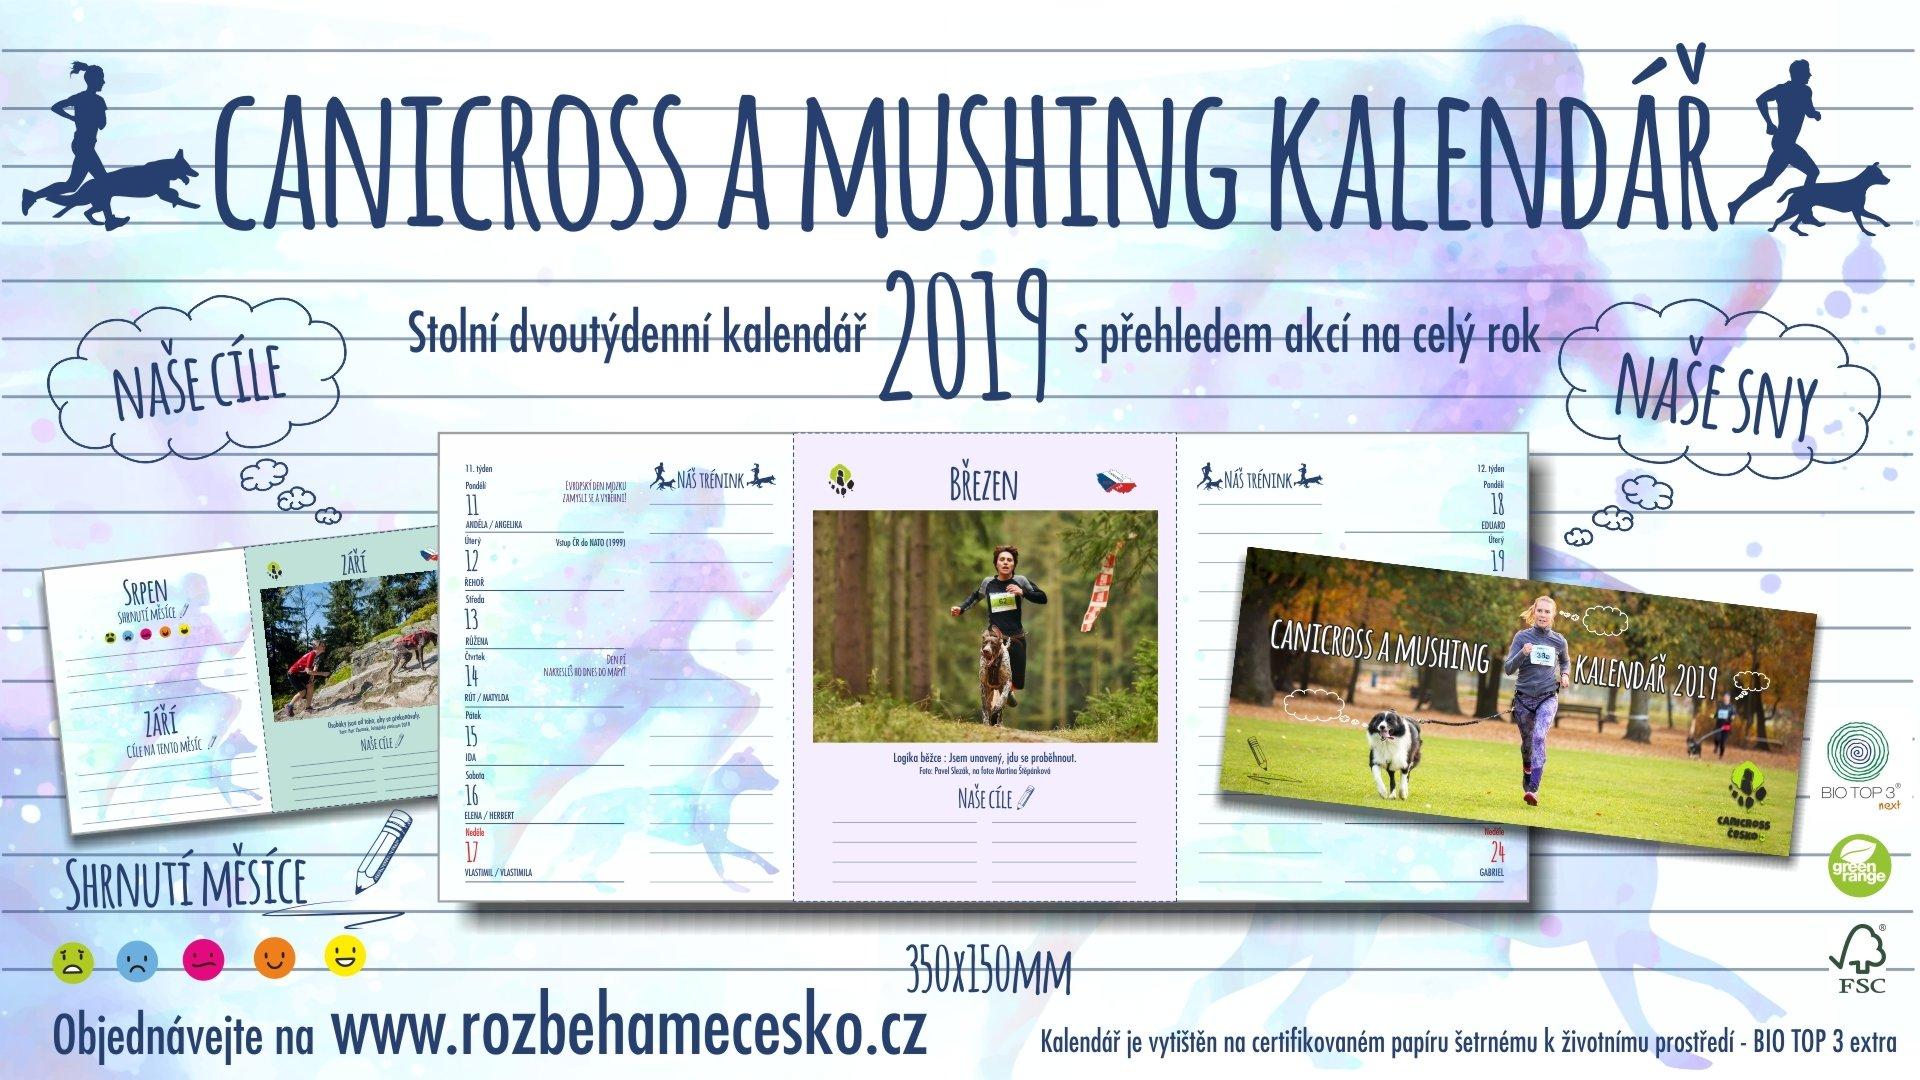 Canicross a Mushing kalendář 2019 pro dobrou věc! 00126